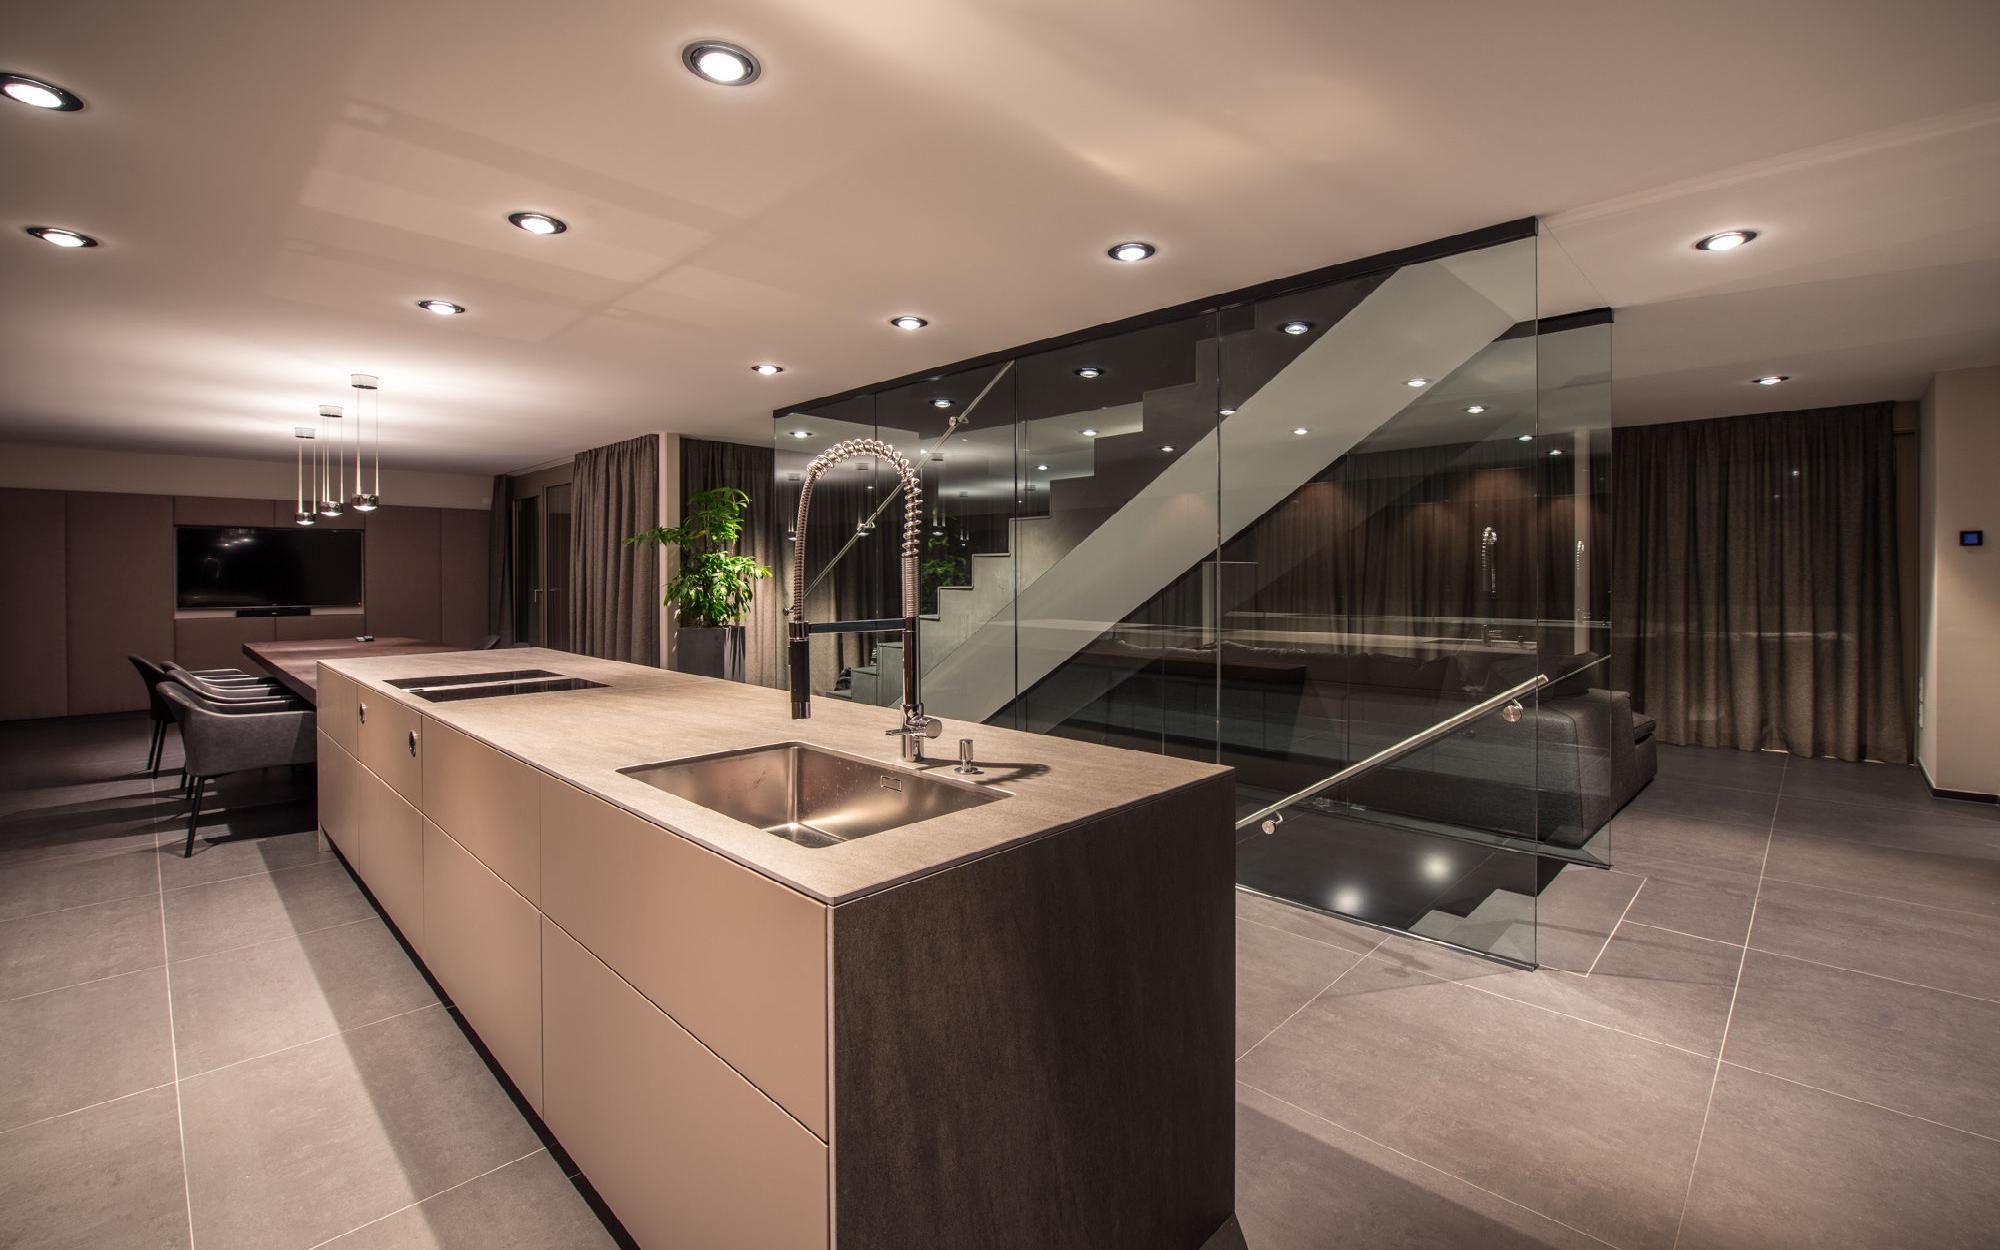 Недвижимость с современным дизайном в Целль-ам-Зее на продажу, Целль-ам-Зее